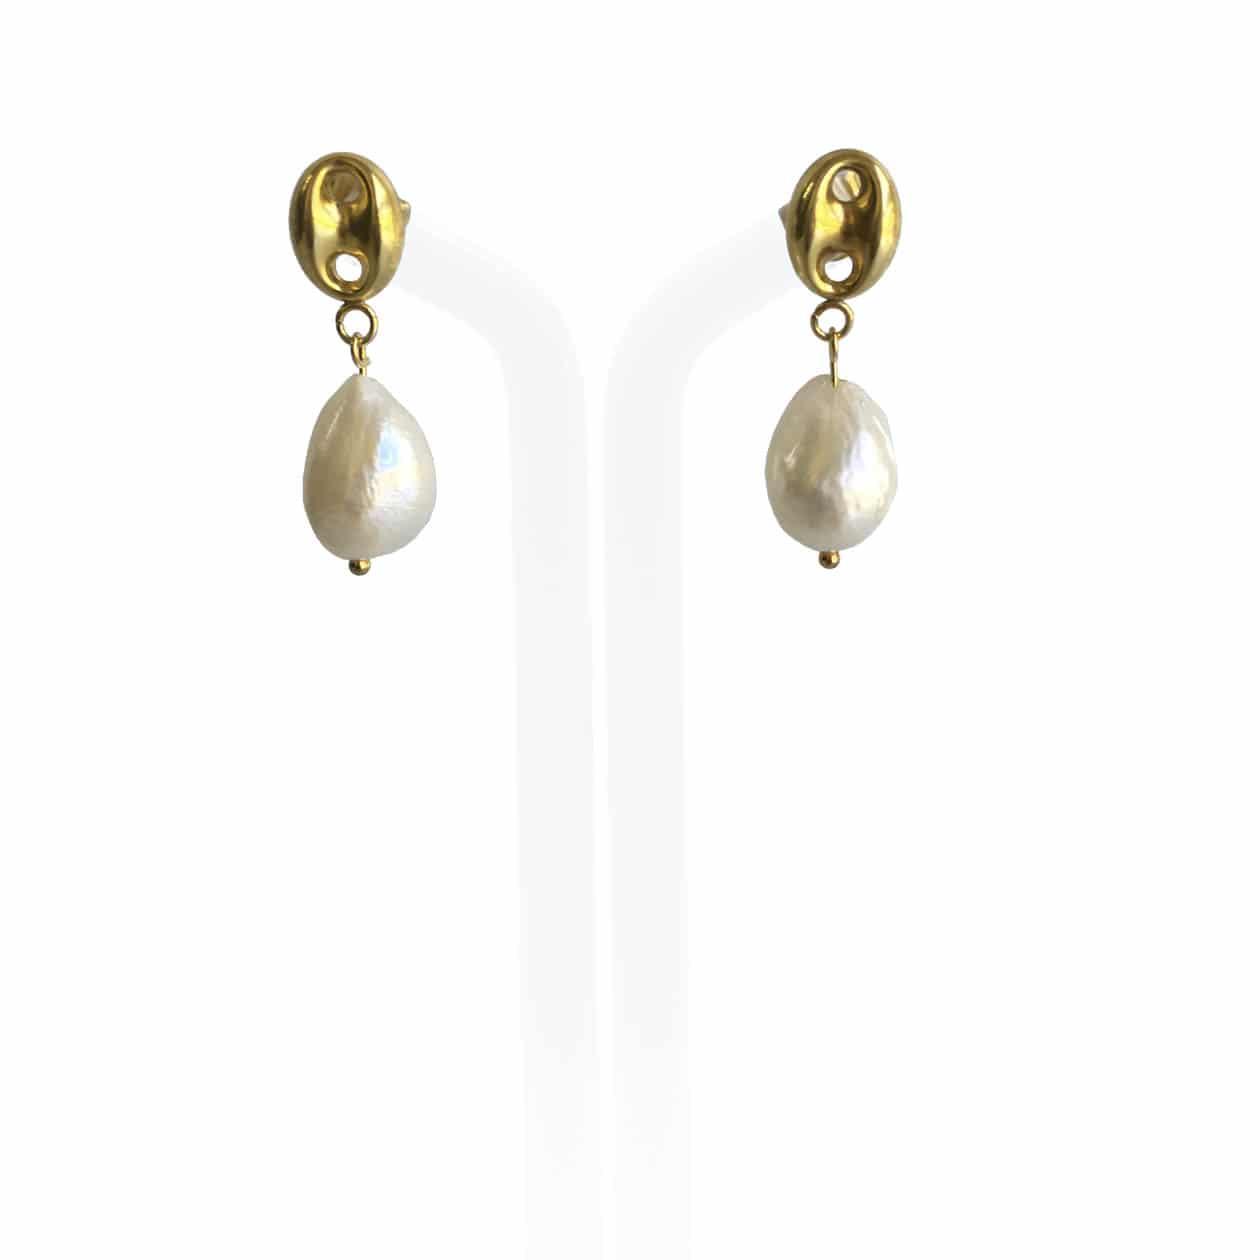 Pendientes de perlas blancas y plata chapada en oro 18K, hechos a mano.  Pieza exclusiva.